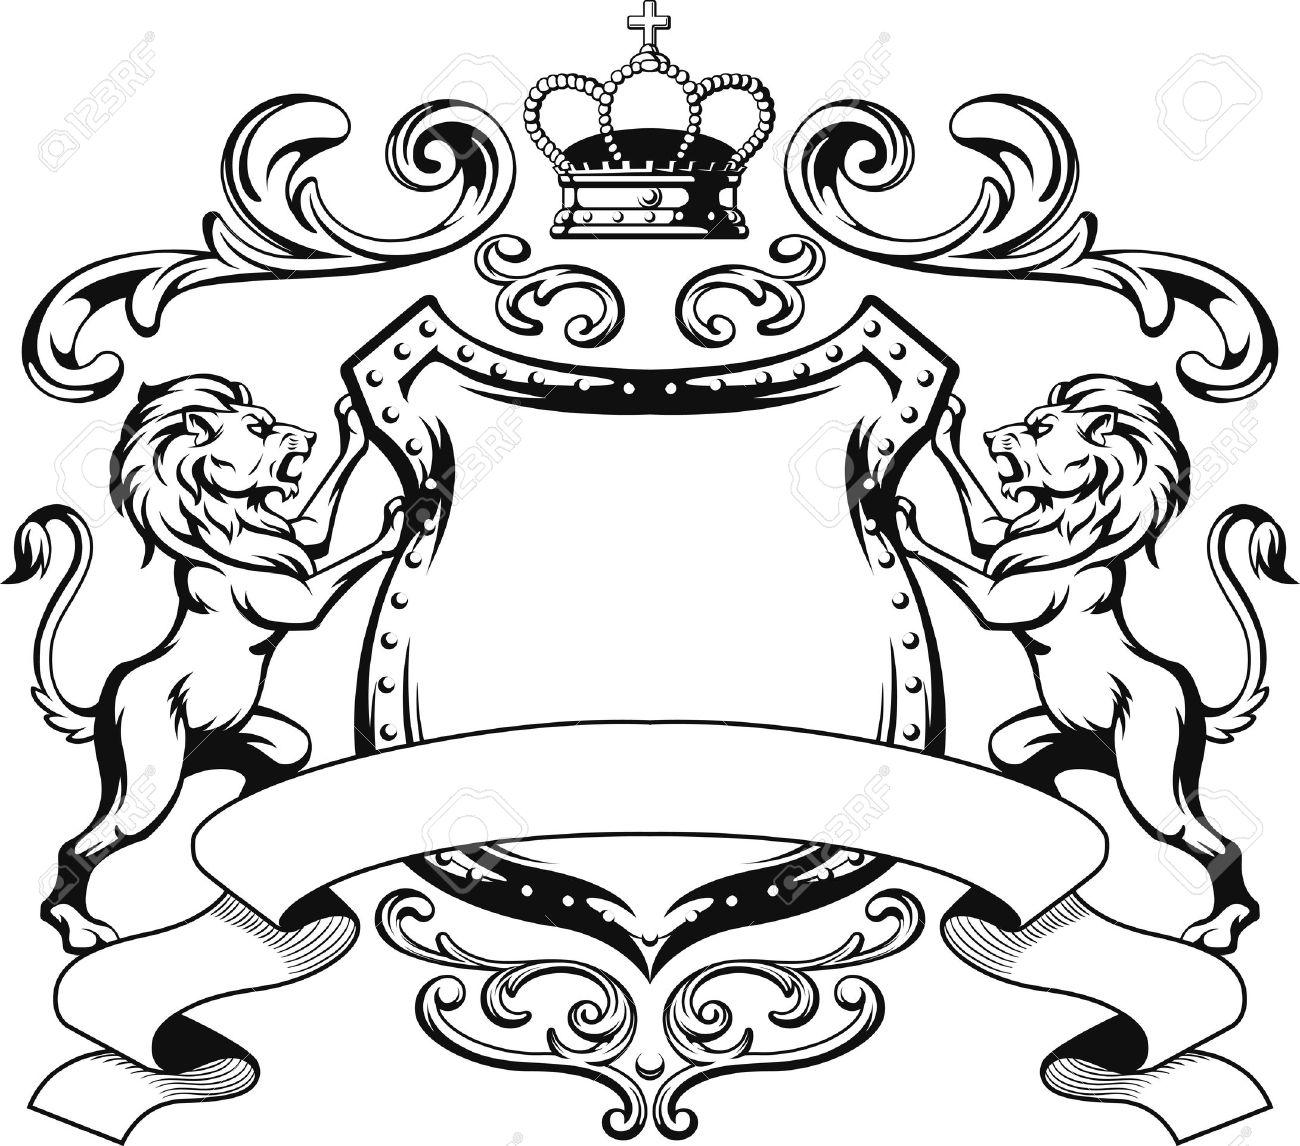 1300x1146 Crest Lion Clipart, Explore Pictures